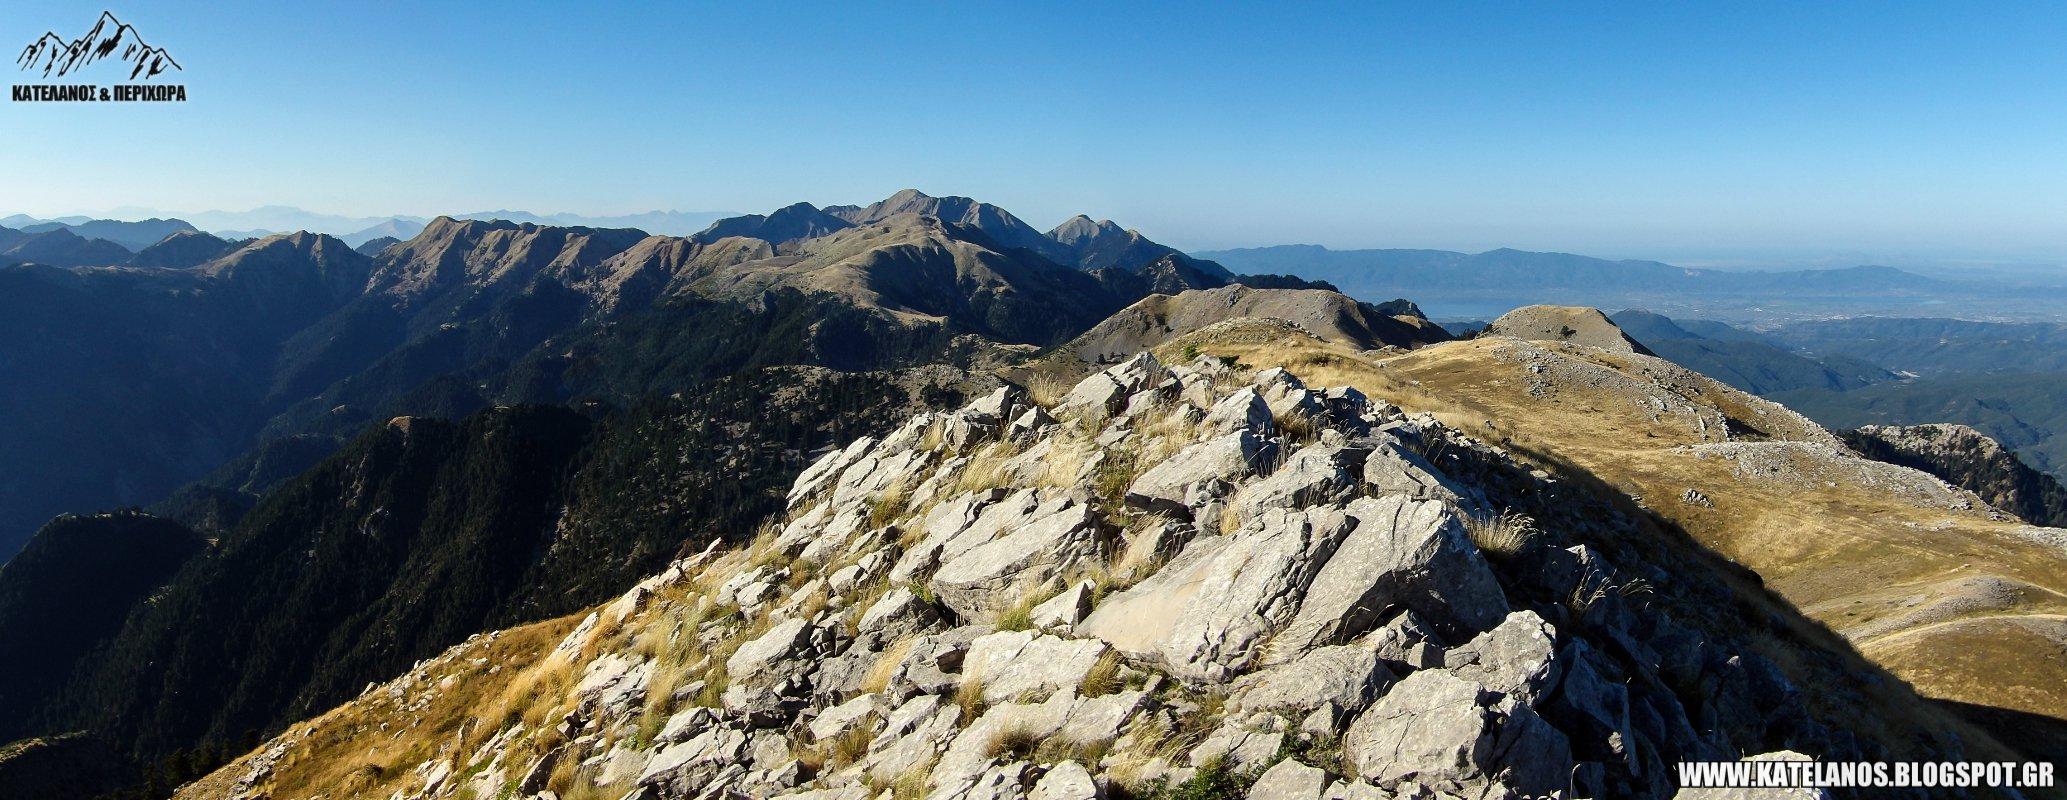 καλοκαιρι στο παναιτωλικο ορος οροσειρα αιτωλοακαρνανια βουνοκορφες